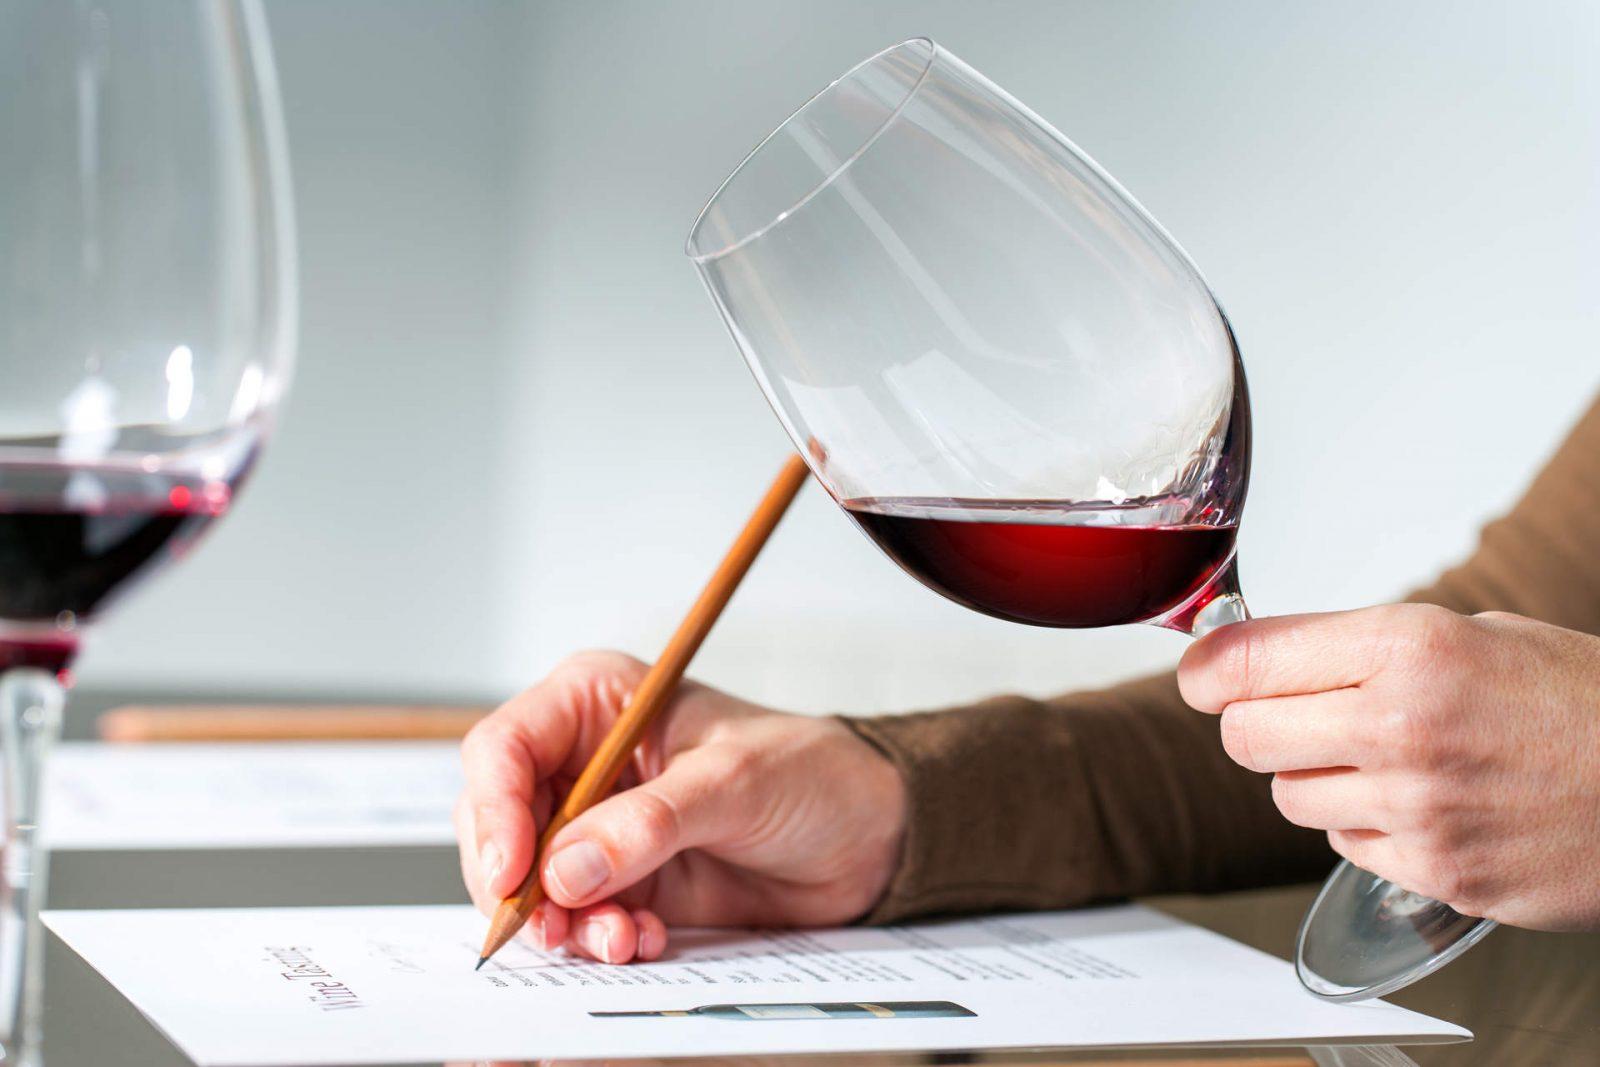 Meno trasferte, più investimenti digital: il vino italiano si rinnova